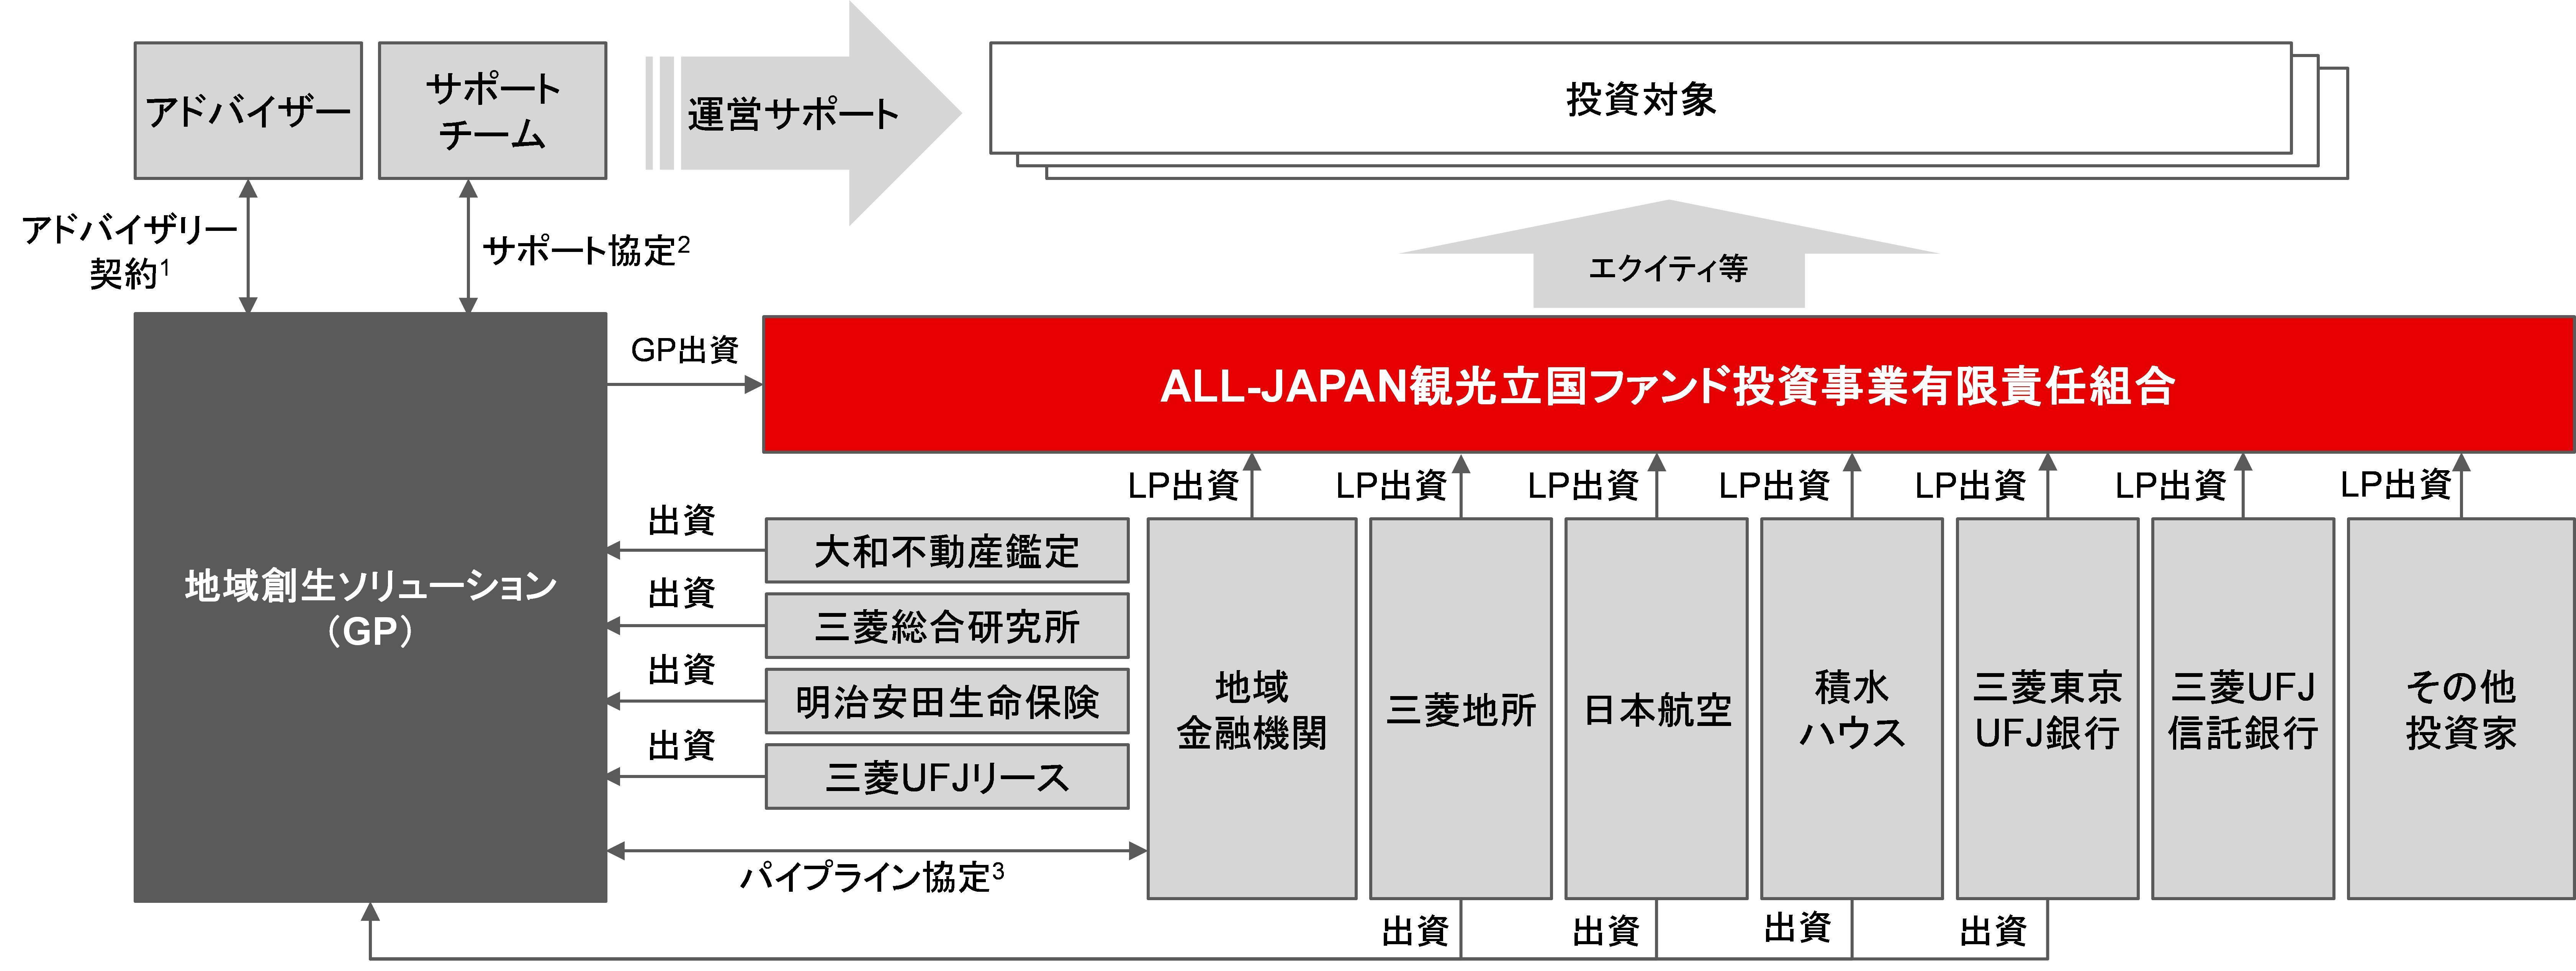 本ファンドのスキーム図(予定)